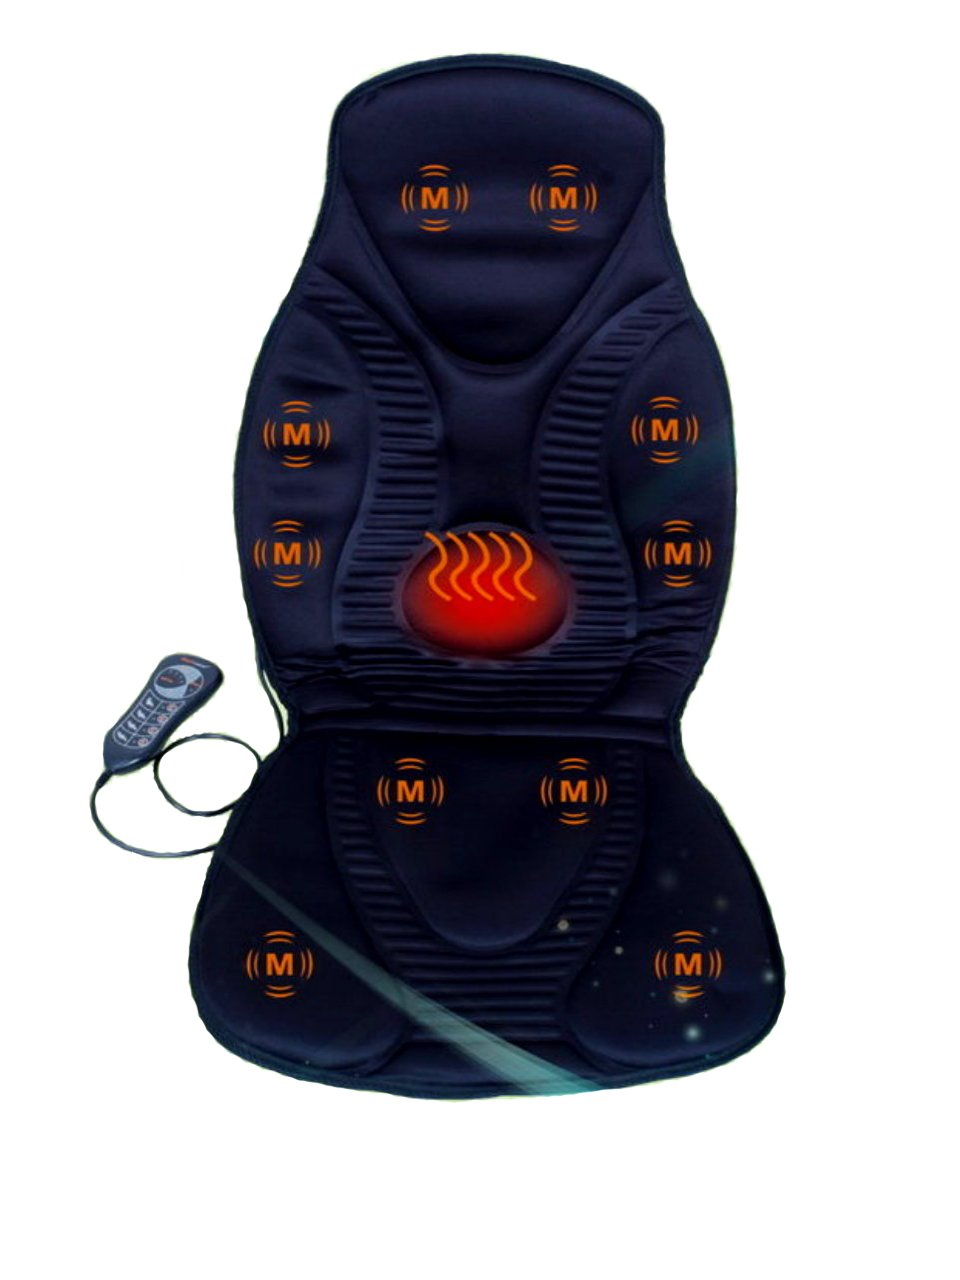 vibration massage seat cushion with heat neck shoulder back thigh massager ebay. Black Bedroom Furniture Sets. Home Design Ideas